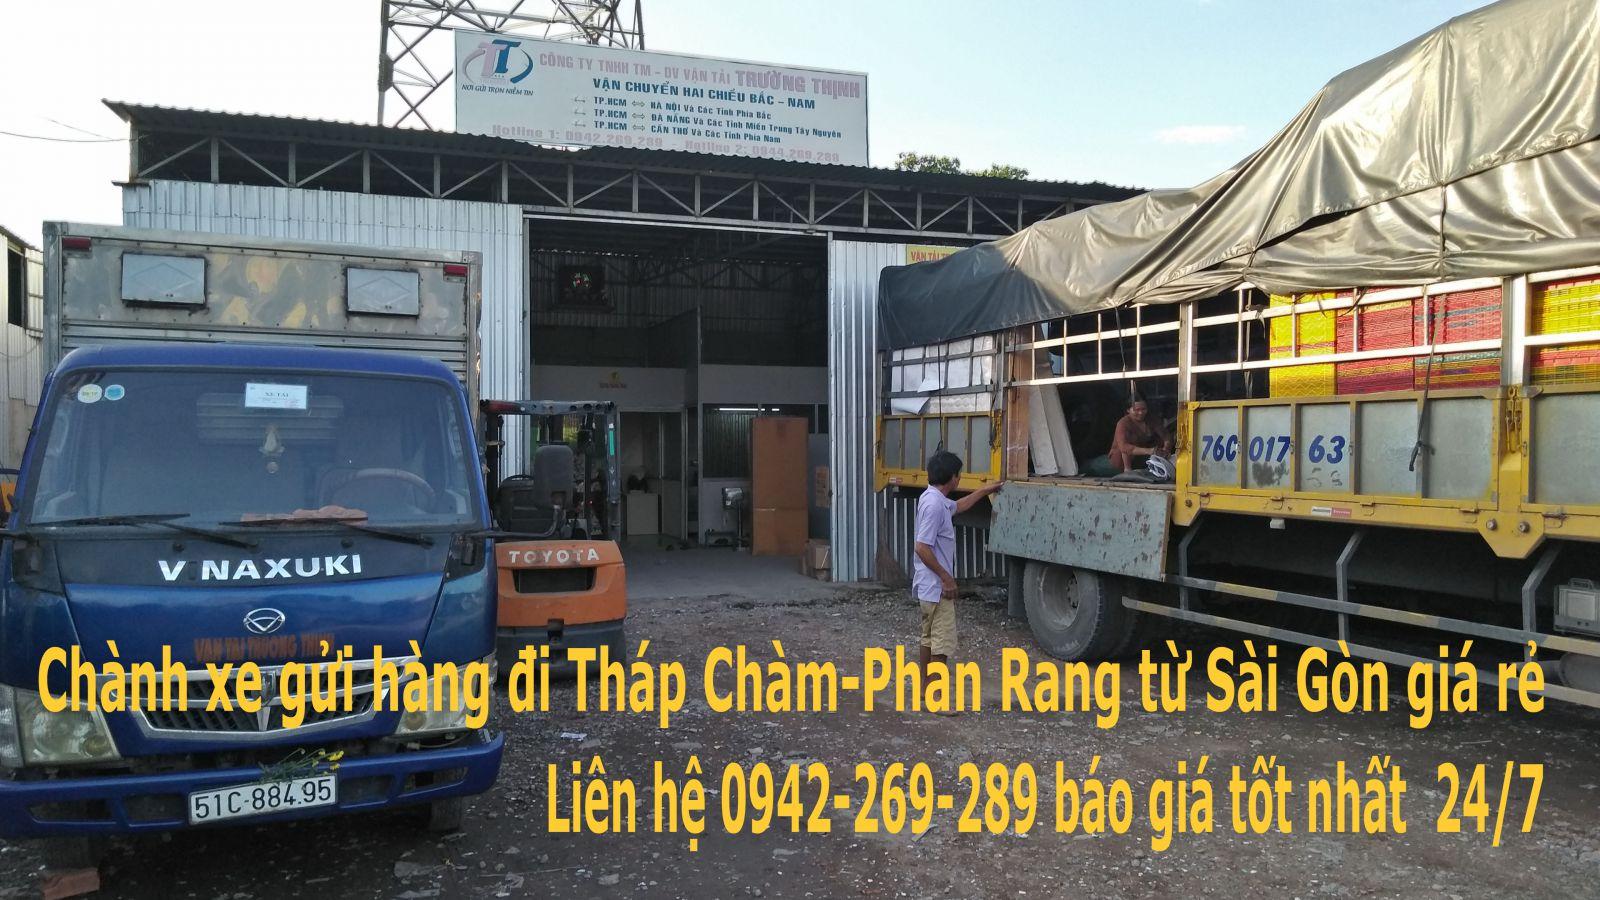 chanh-xe-gui-hang-di-phan-rang-tu-sai-gon-truong-thinh